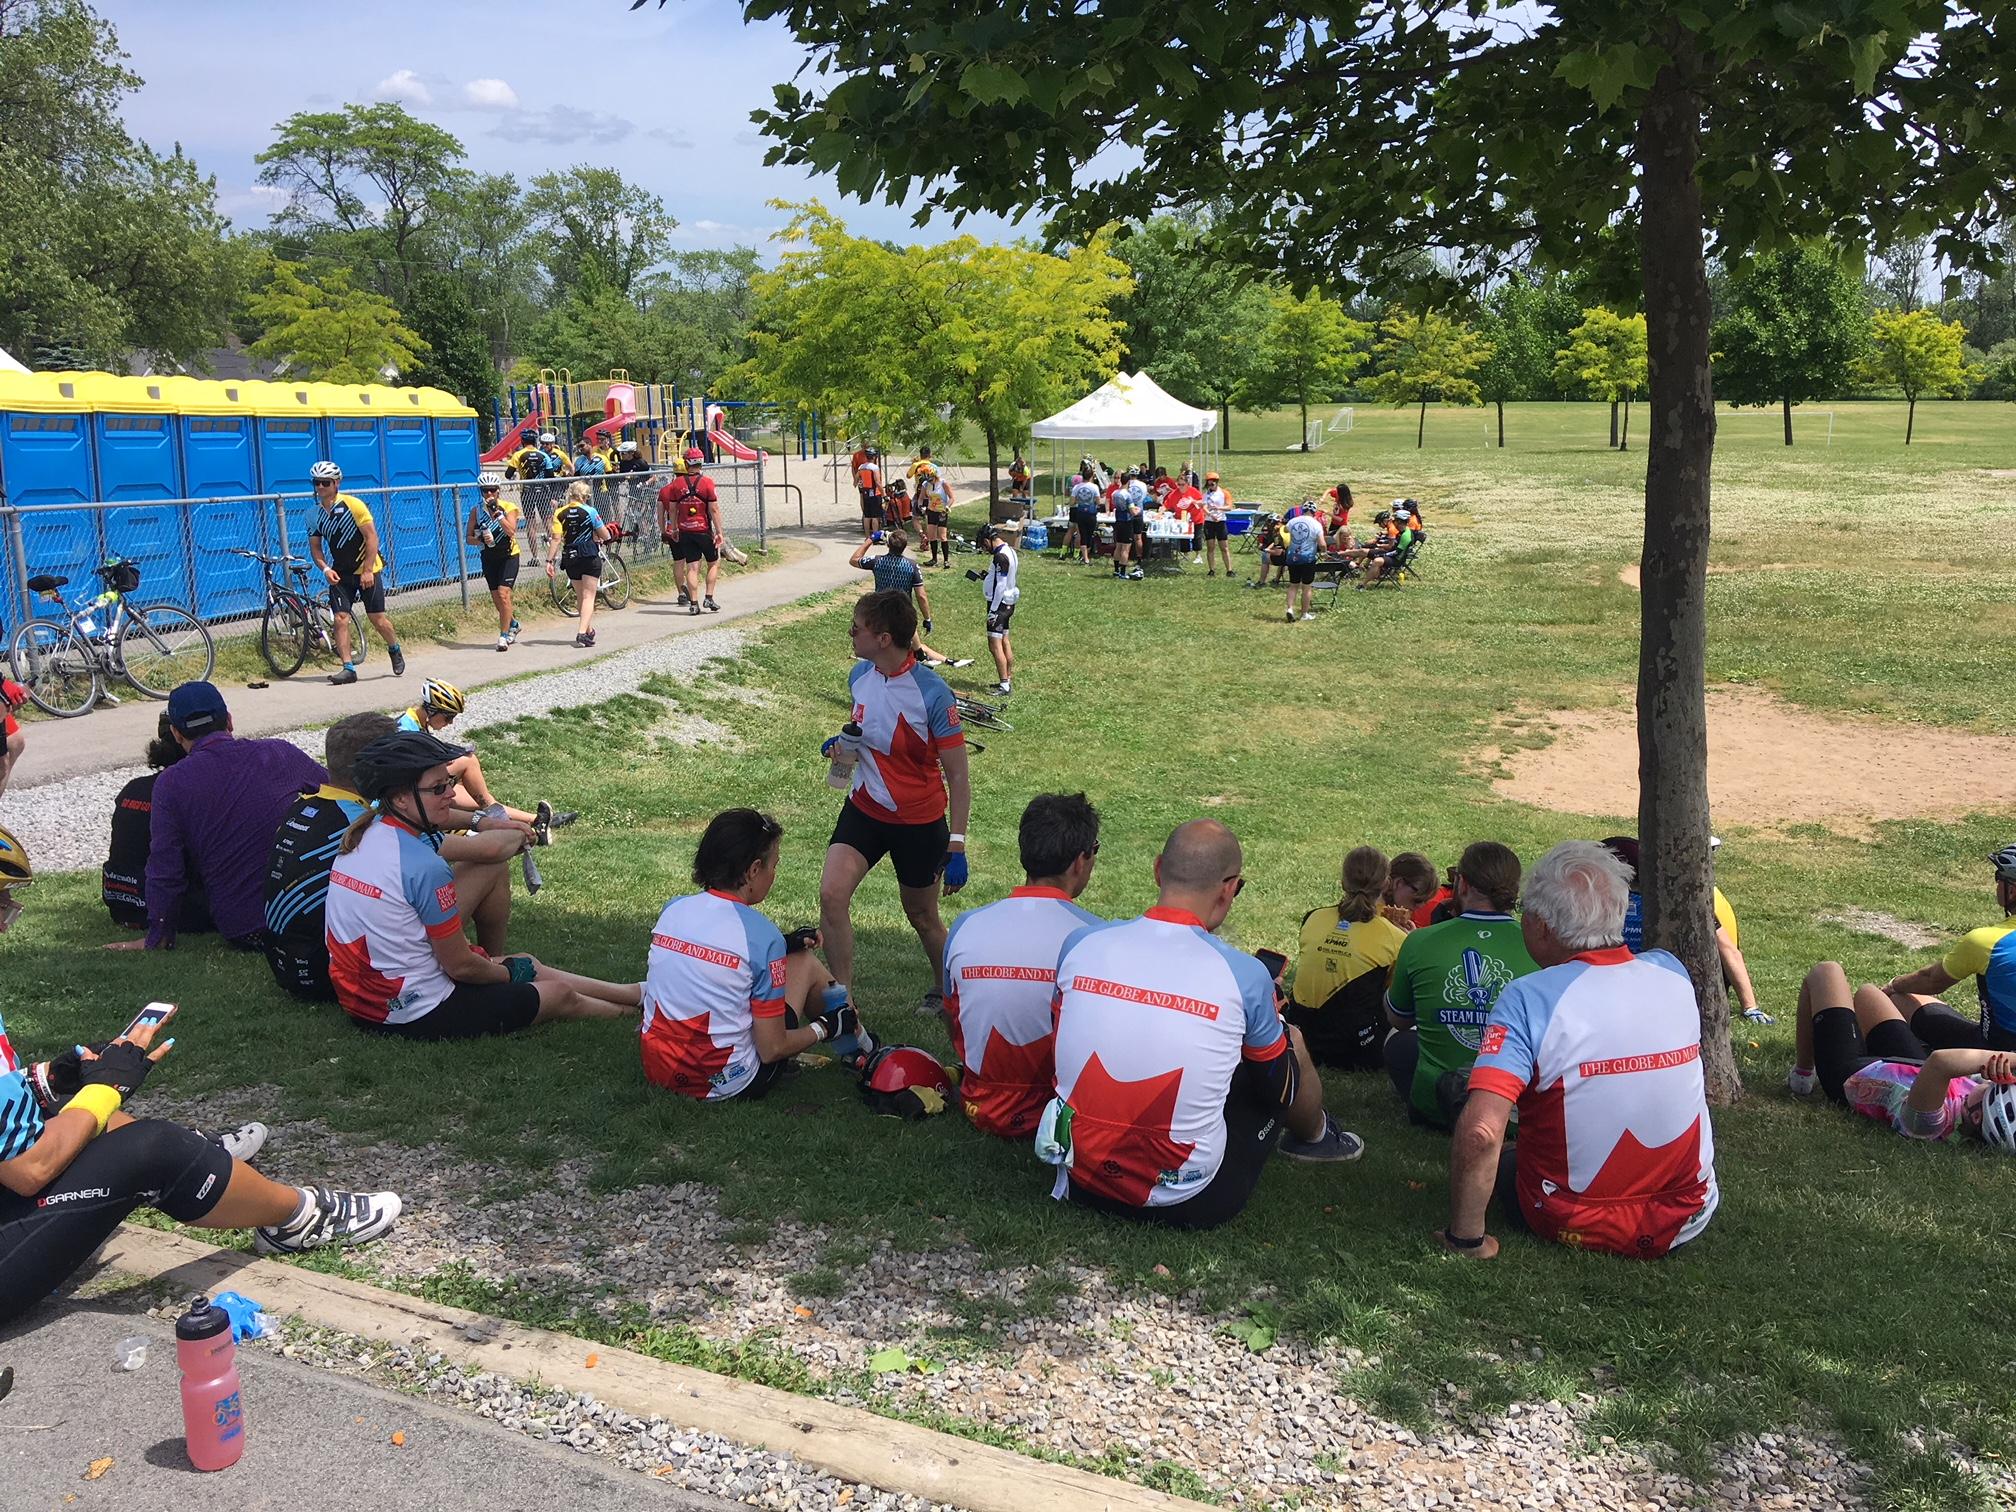 Team Globe take a well deserved break in the shade.